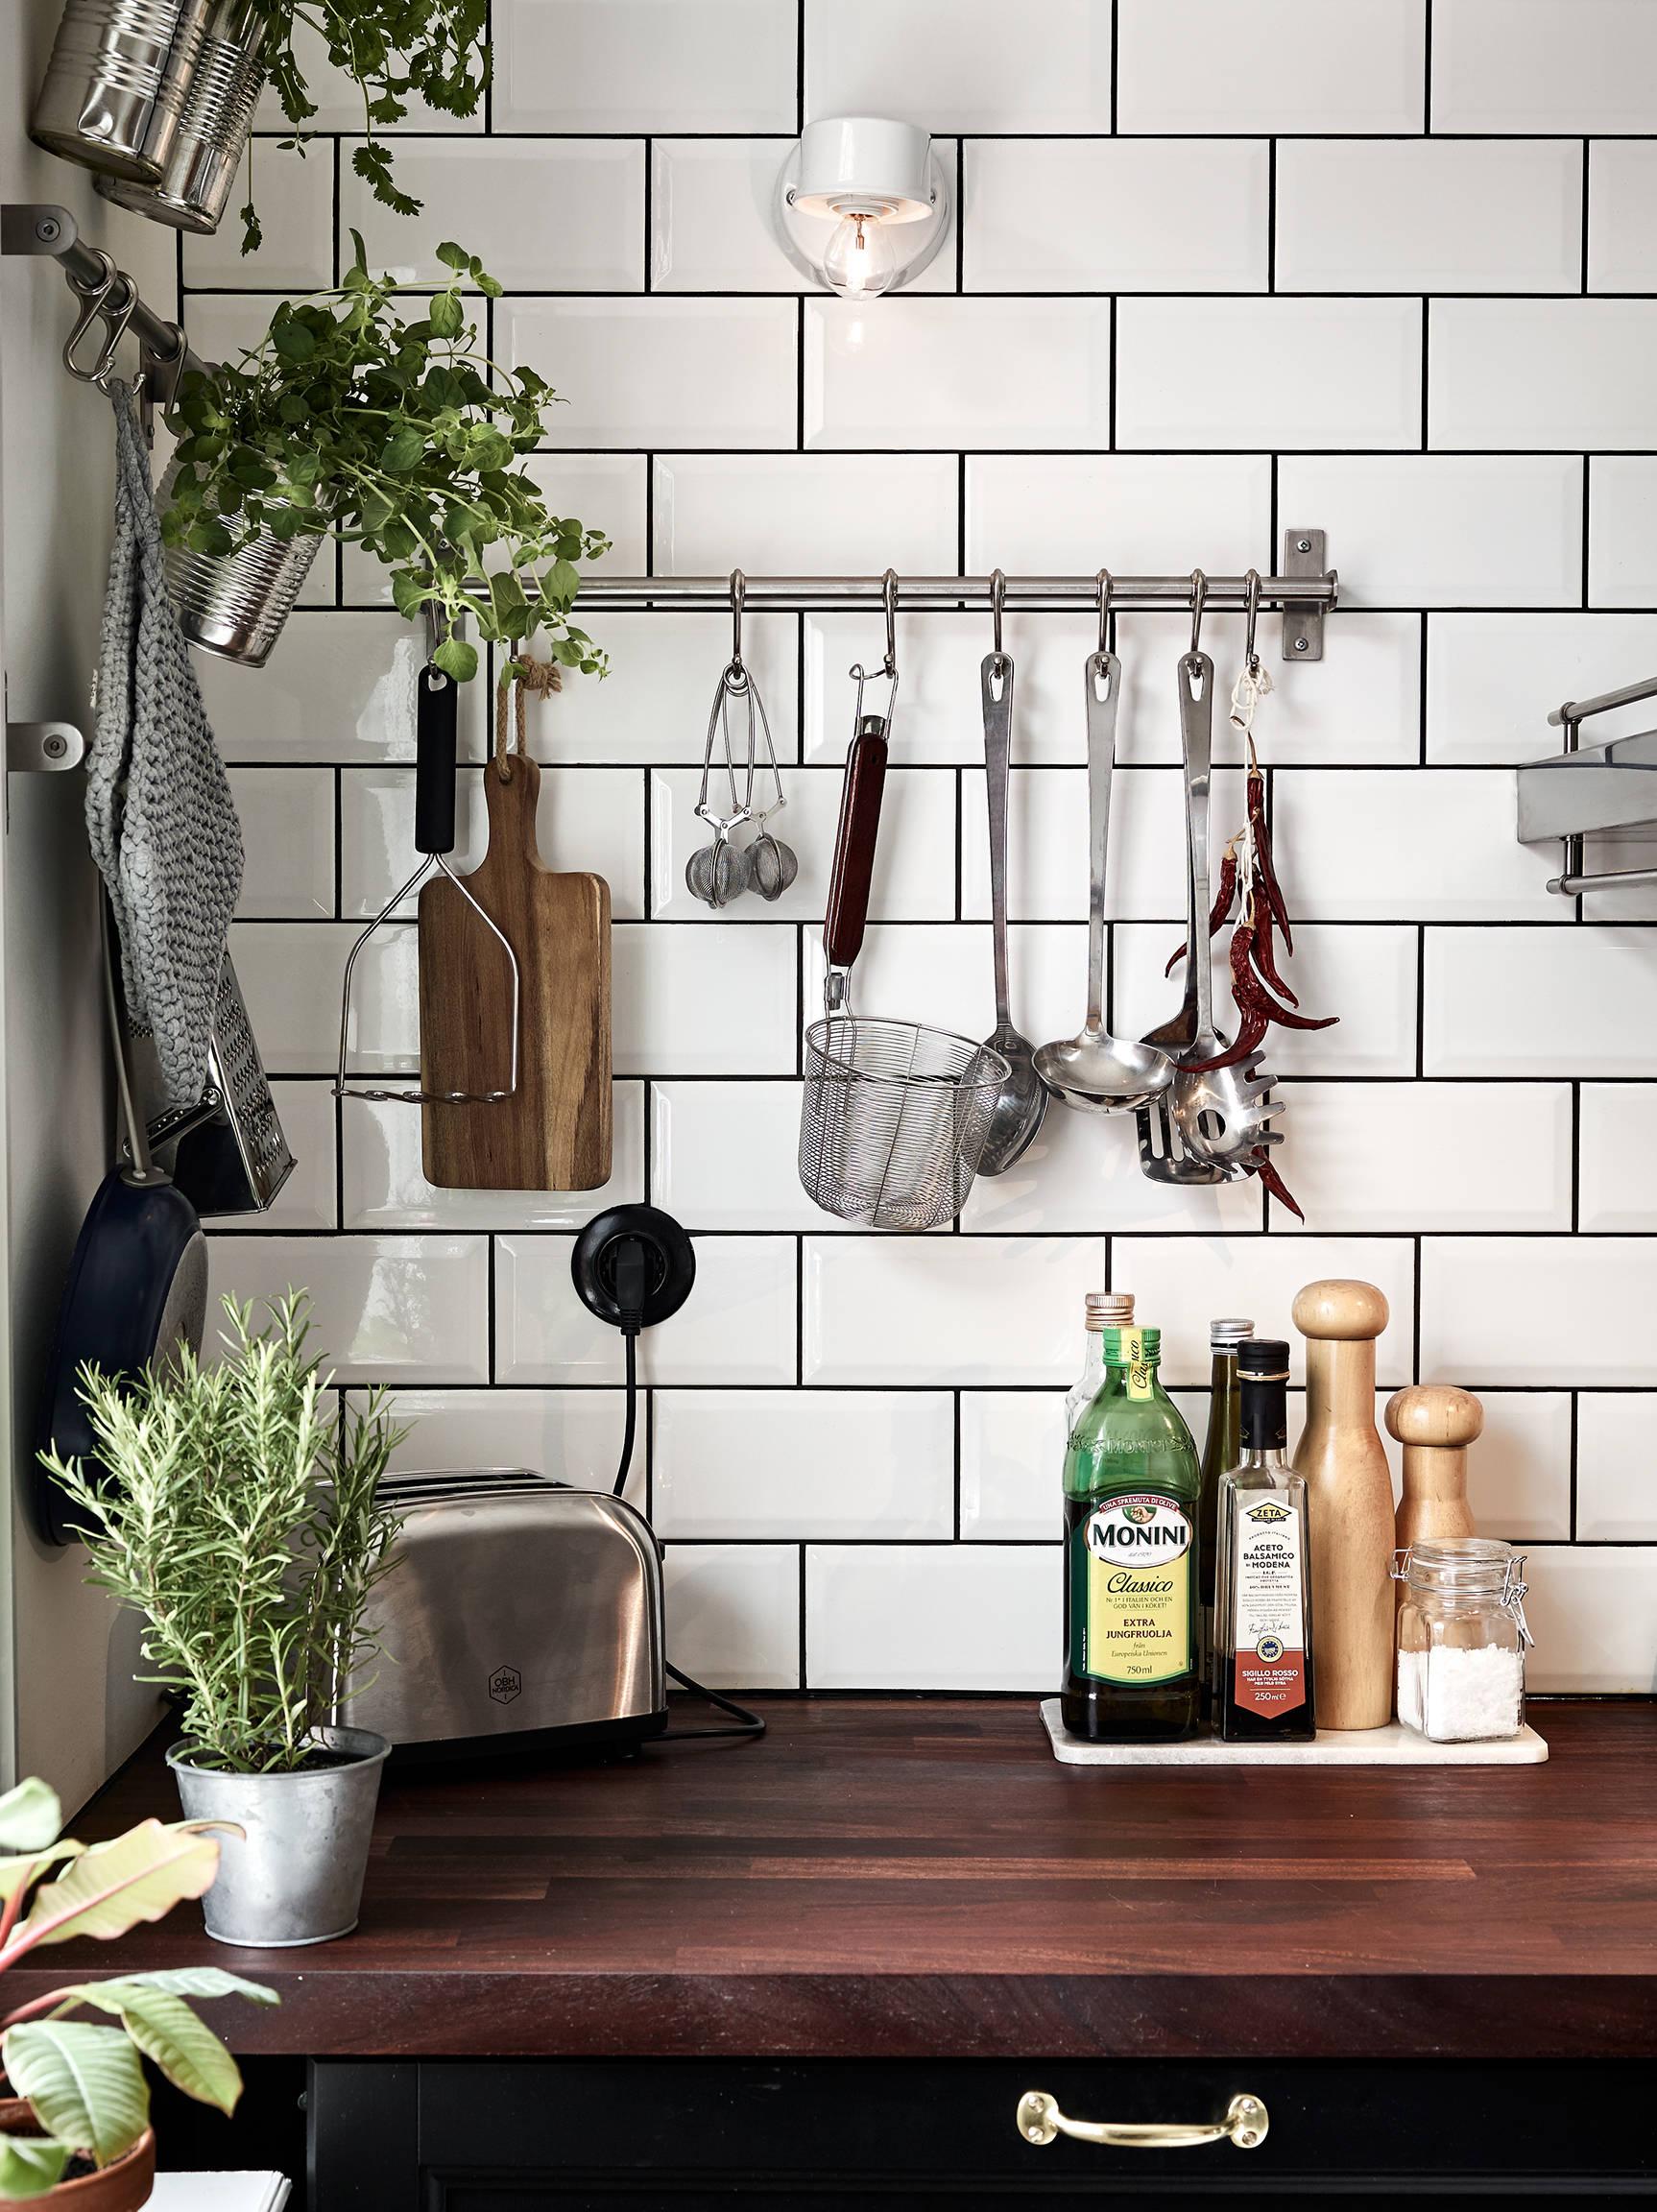 Una cocina n rdica country interiores chic blog de for Piastrelle cucina bianche e nere